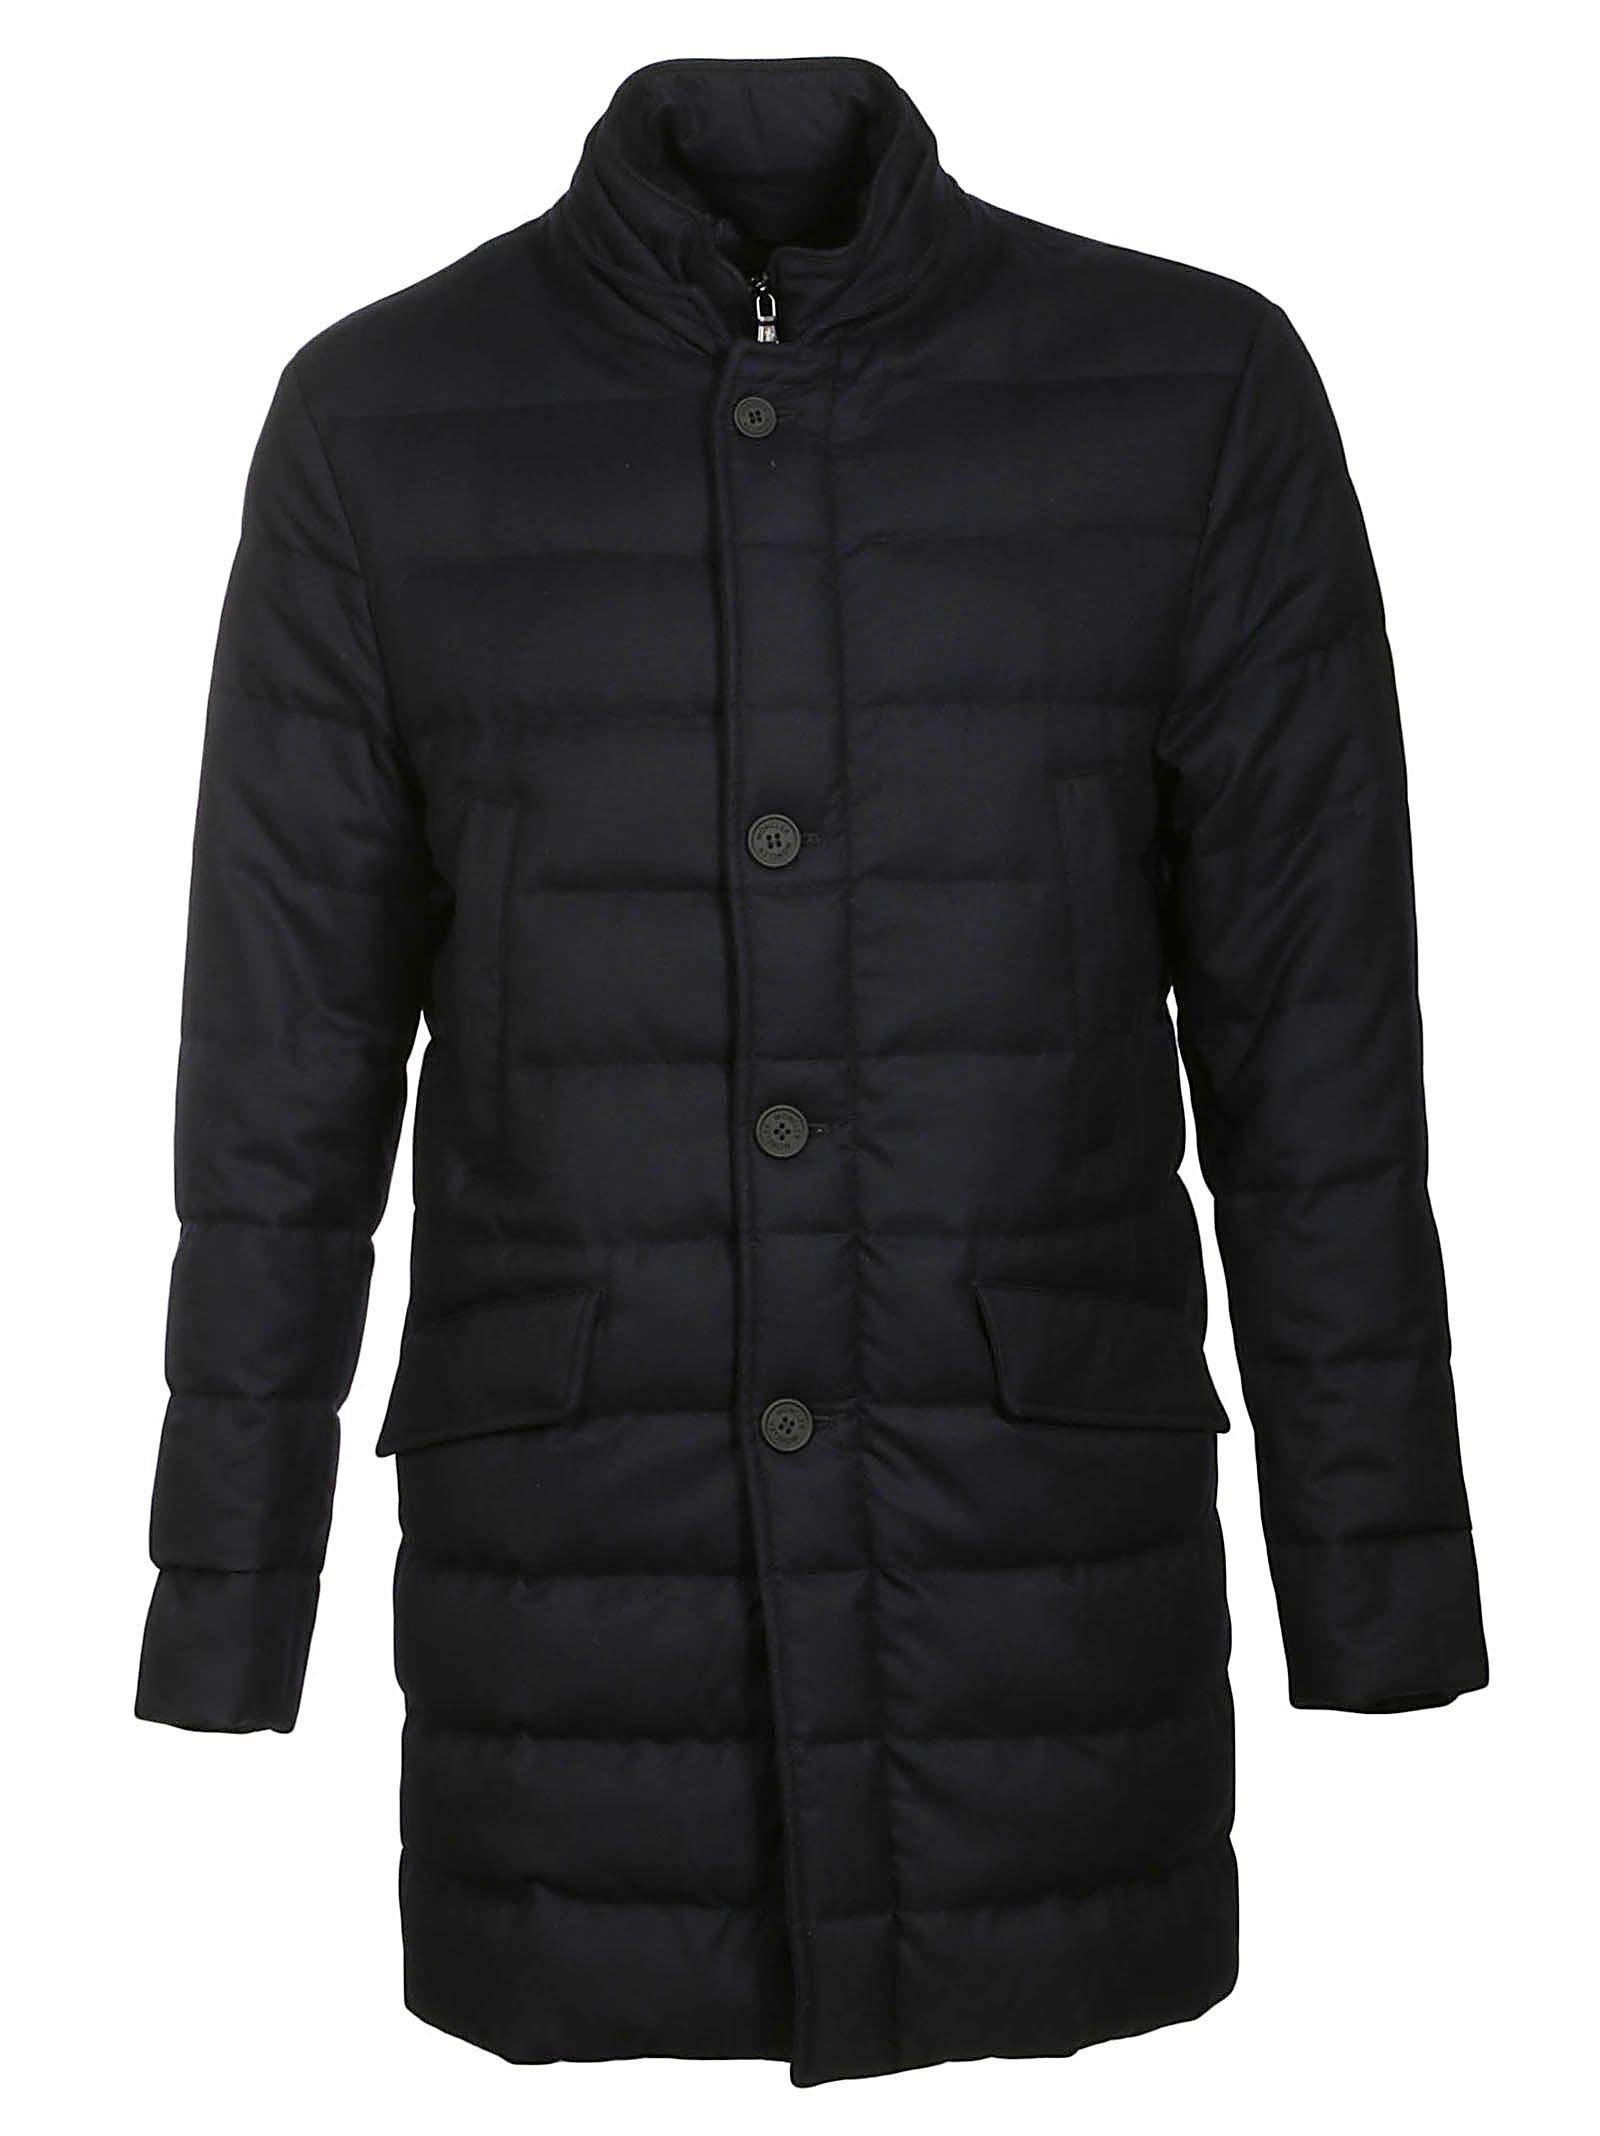 3eb1a4174 Moncler Moncler Keid Padded Coat - Black - 10693168